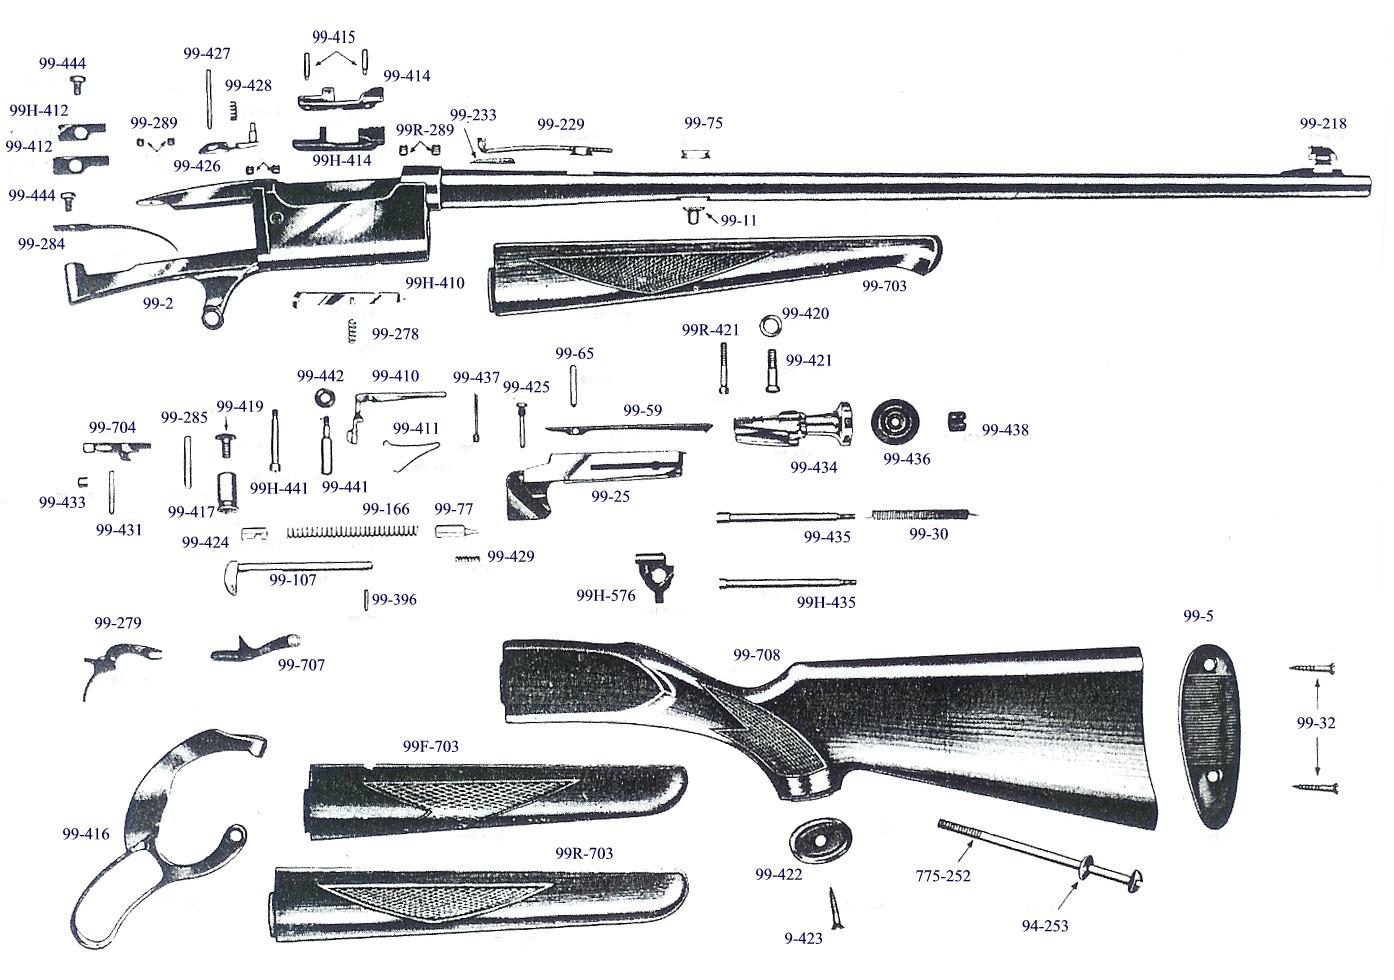 20 gauge savage model 949c series n manual